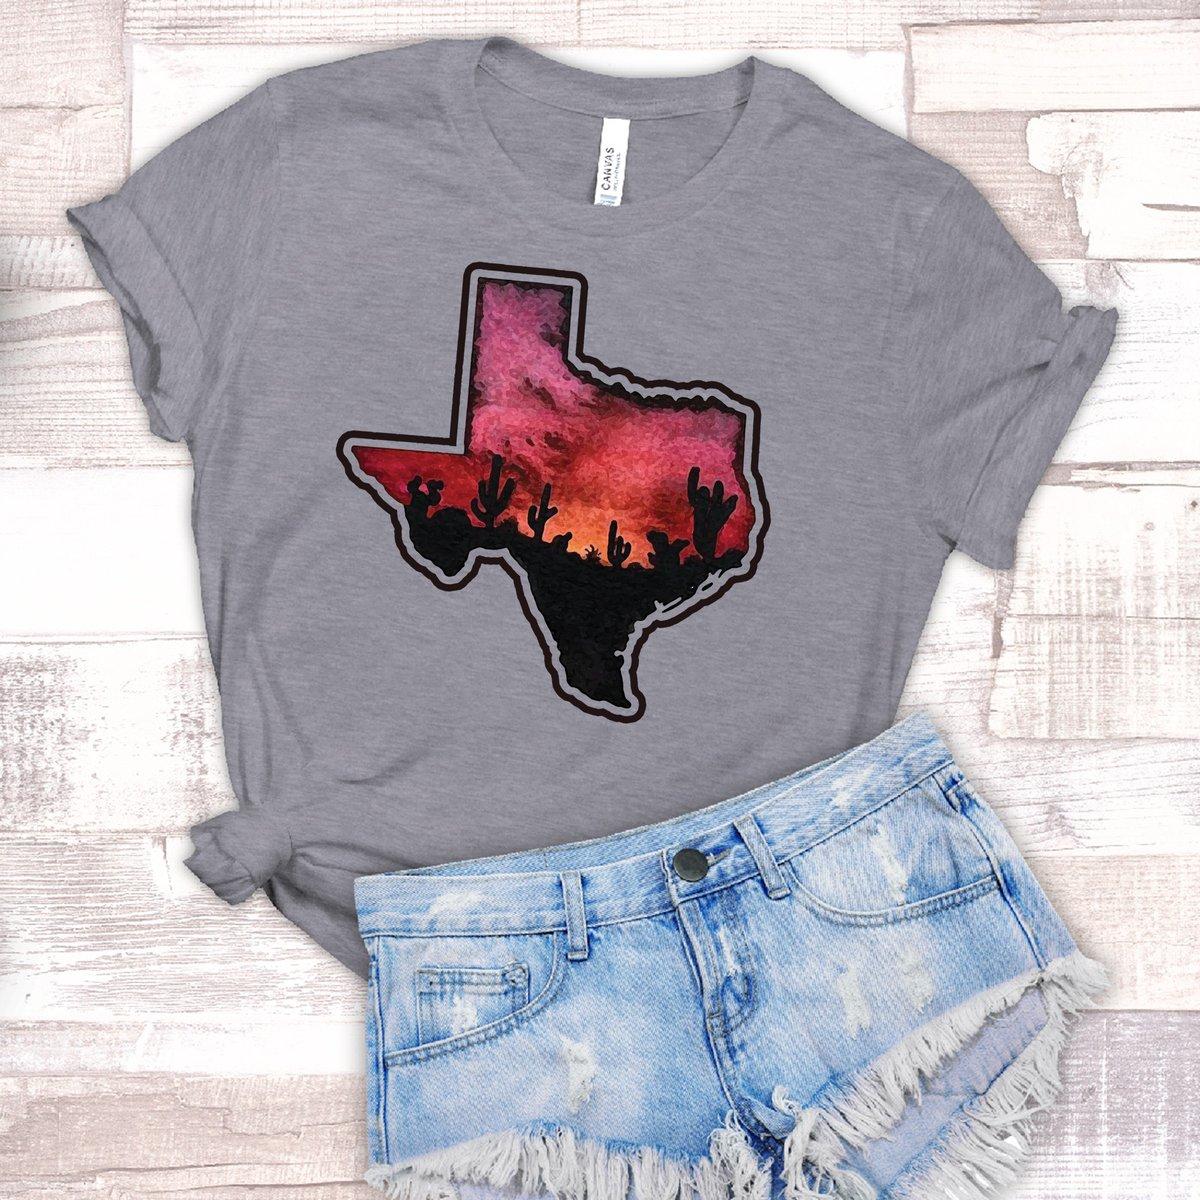 Texas Sunset T-Shirt // Unisex Soft Style on Gray by texascountrymusic etsy.me/3aYK5Mk via @Etsy